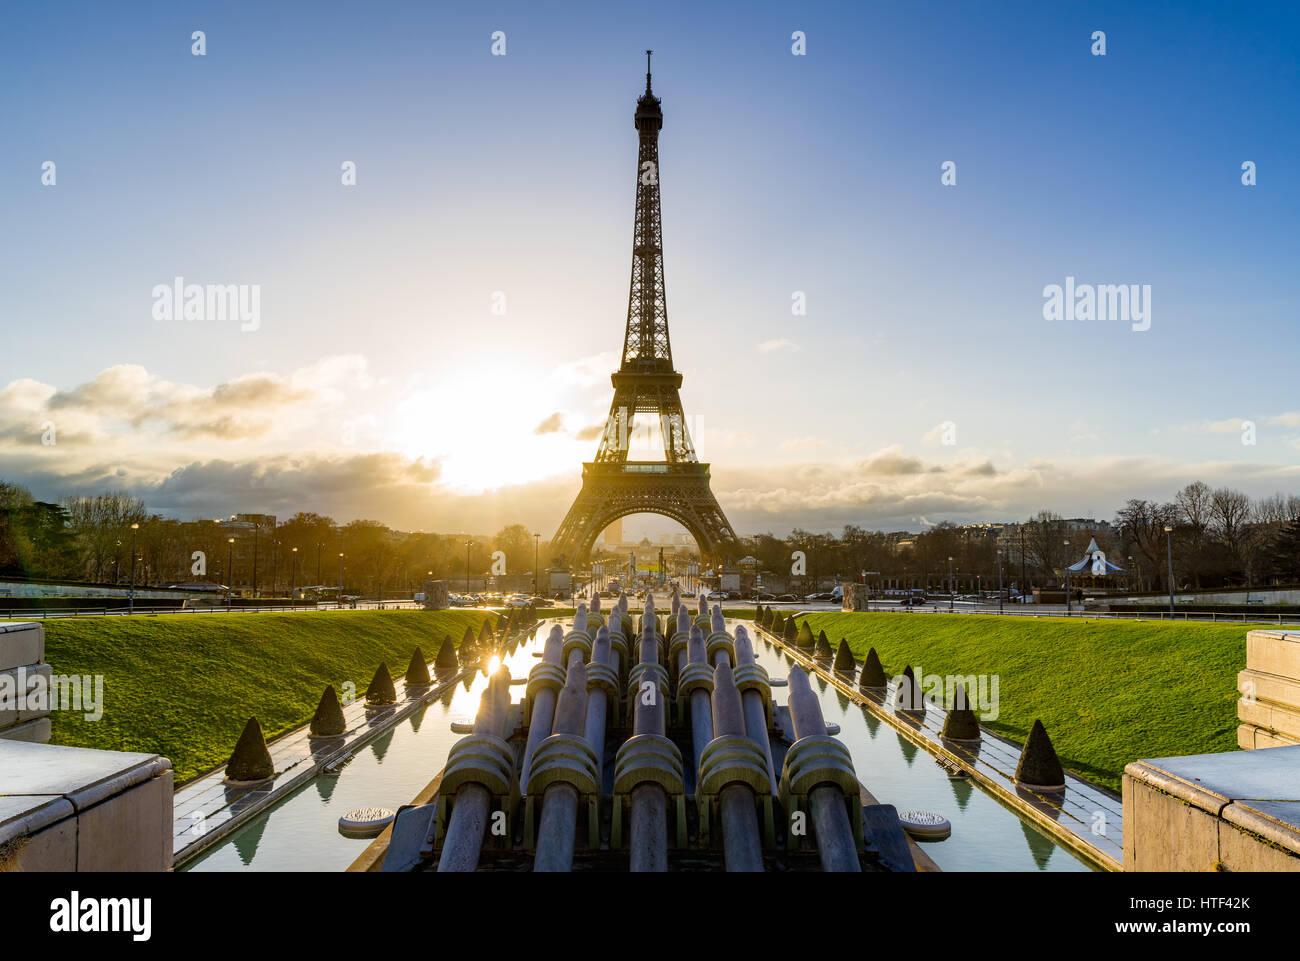 Sonnenaufgang auf dem Eiffelturm und Trocadero. Paris, Frankreich Stockbild